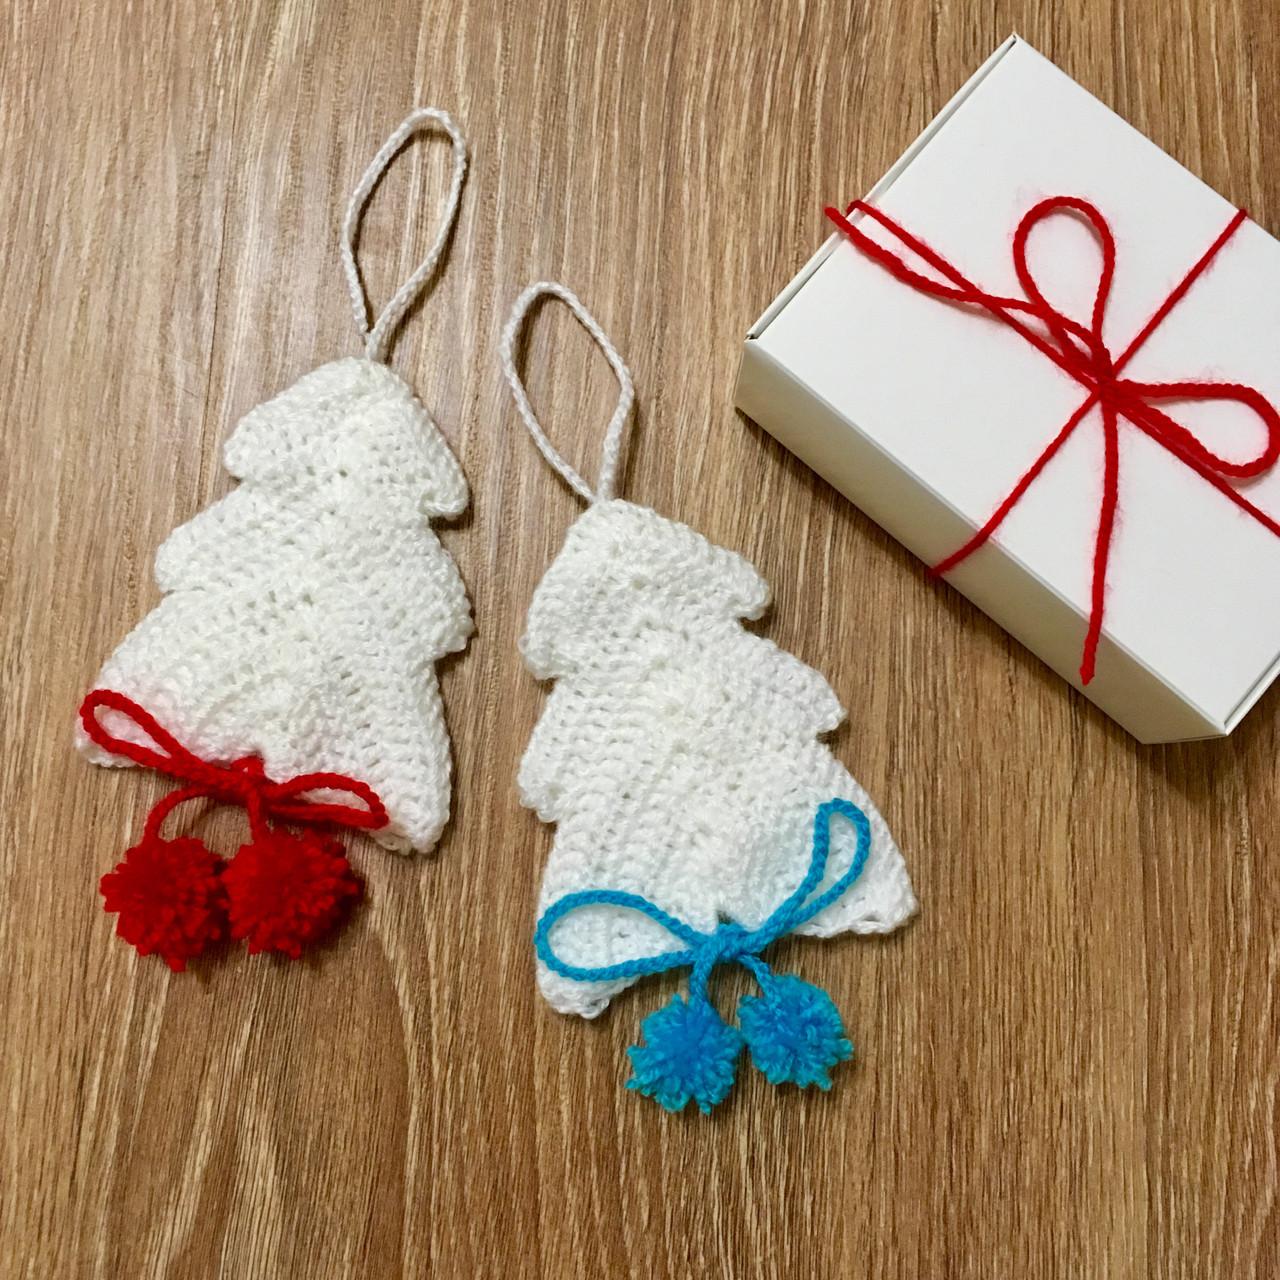 Дизайнерские украшения на елку ручной работы. Набор из 2-х шт. В подарочной упаковке.